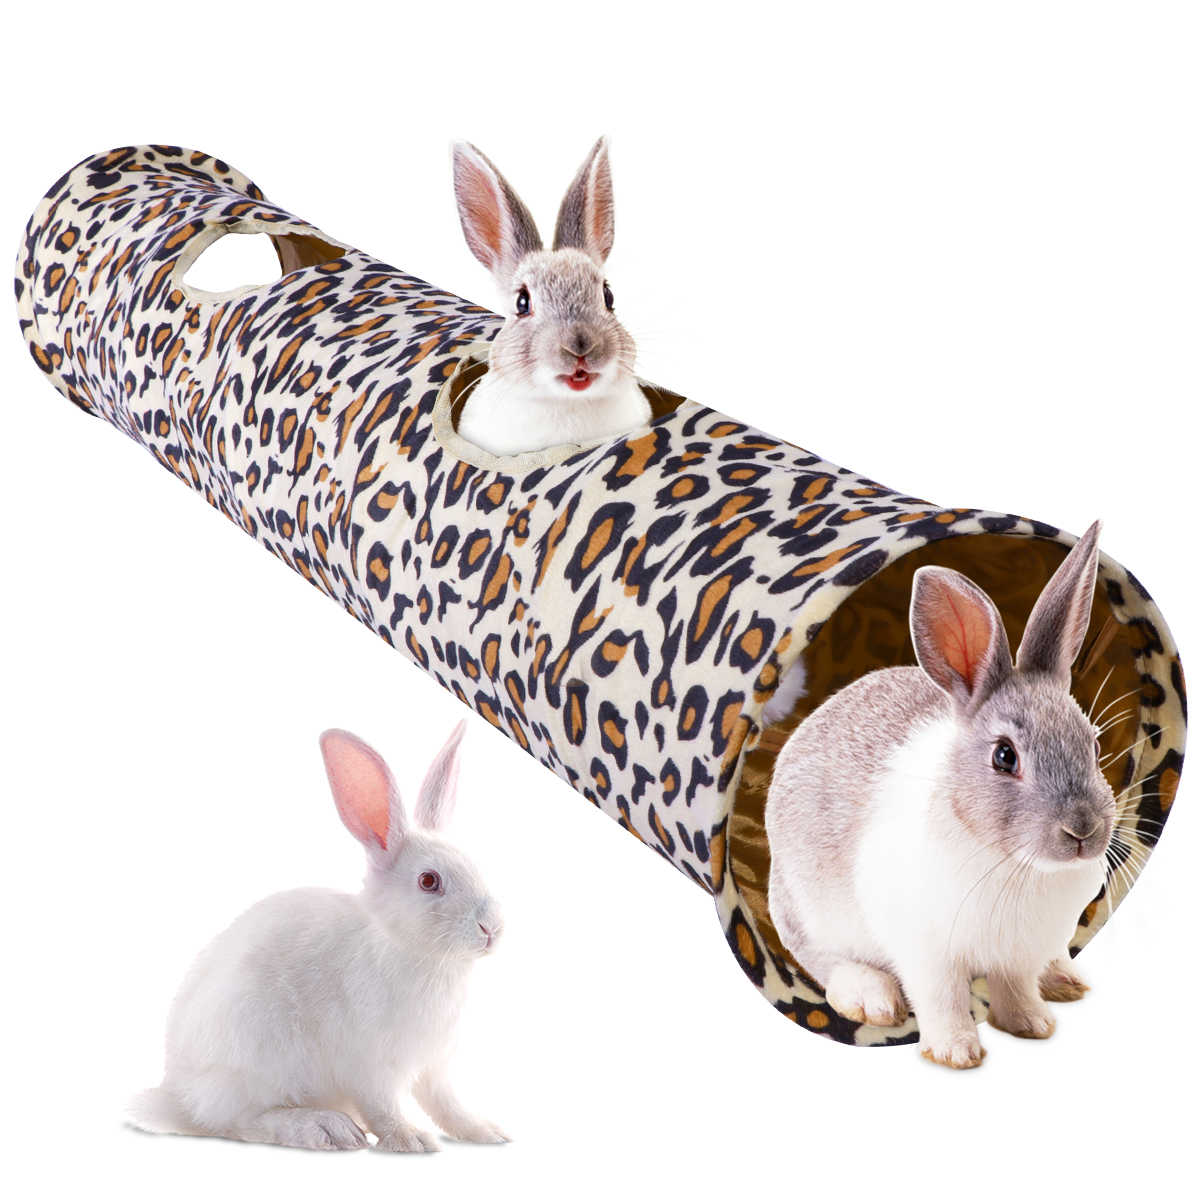 Pet tünel leopar baskı Pet tavşan oyun tüneli katlanabilir tünel yerden  tasarruf sağlayan toksik olmayan oyuncaklar köpekler için kedi tavşanlar  120x250 cm|Tüpler ve Tüneller| - AliExpress